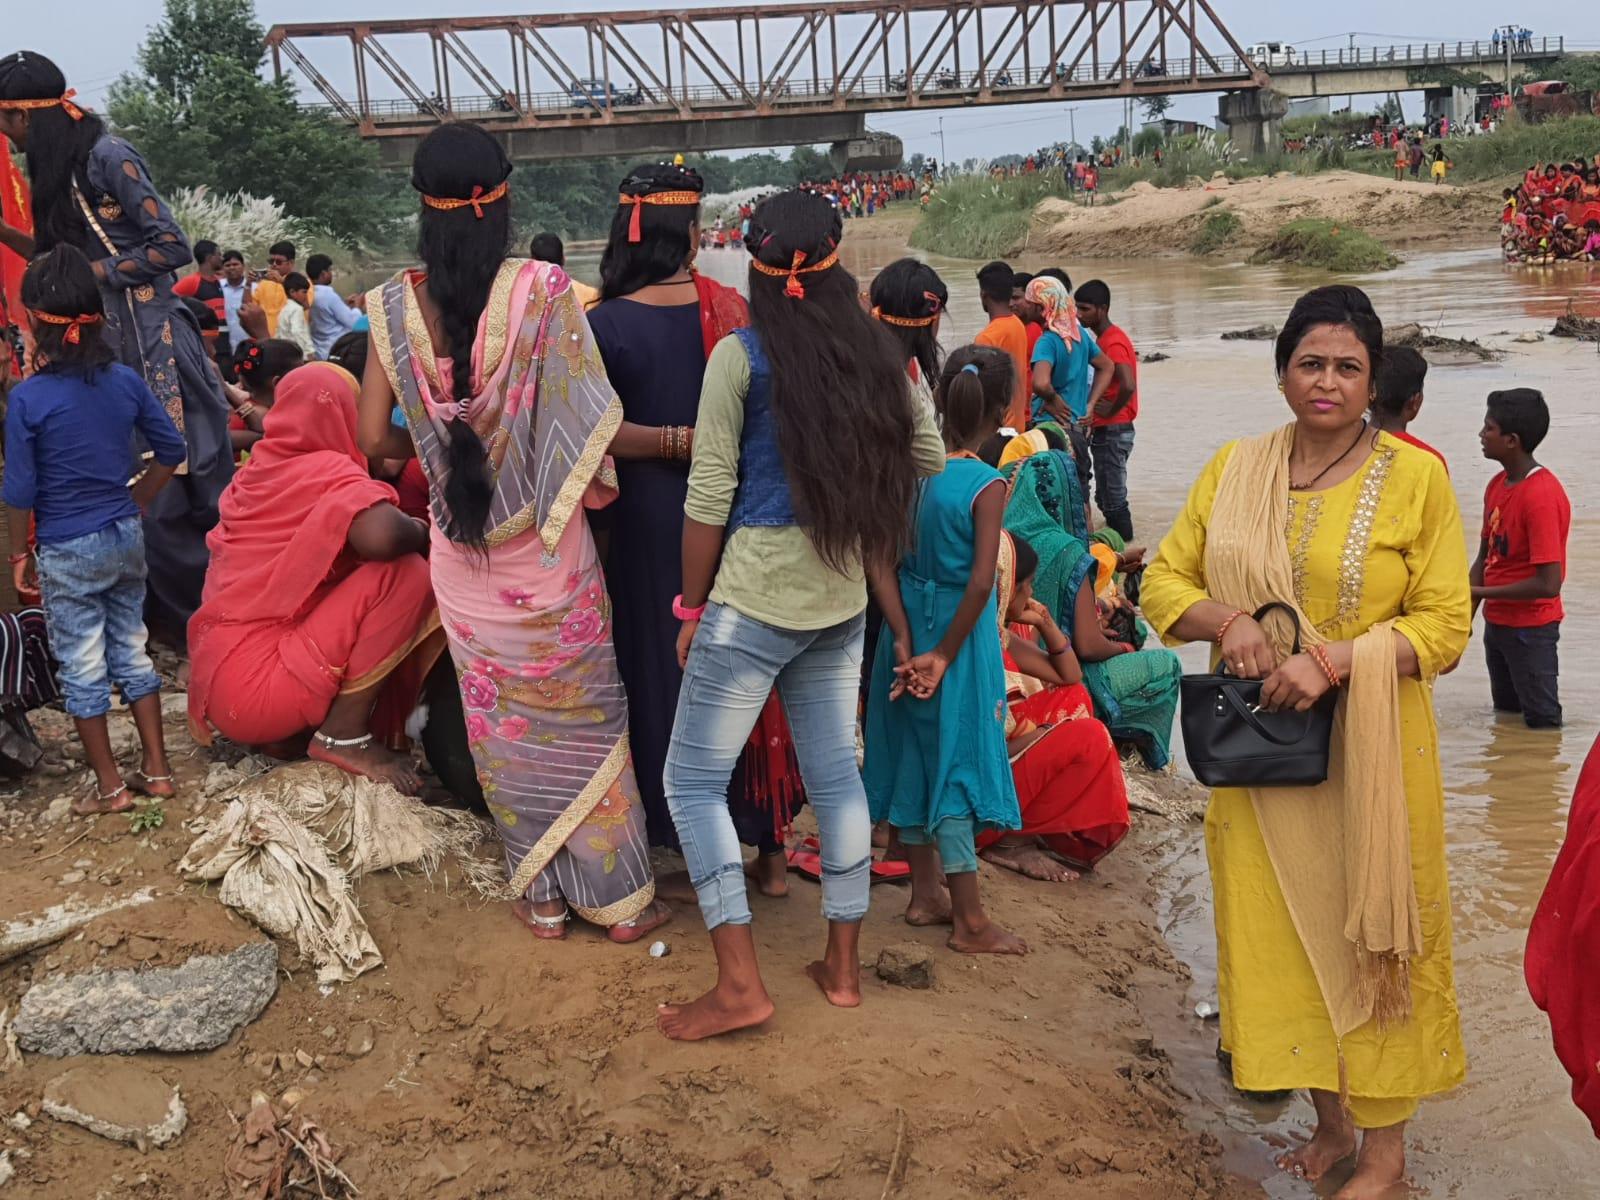 विन्दवासिनी गाउँपालिकाको हरिनगरमा दुर्गा पुजाको जल यात्रा सम्पन्न ।